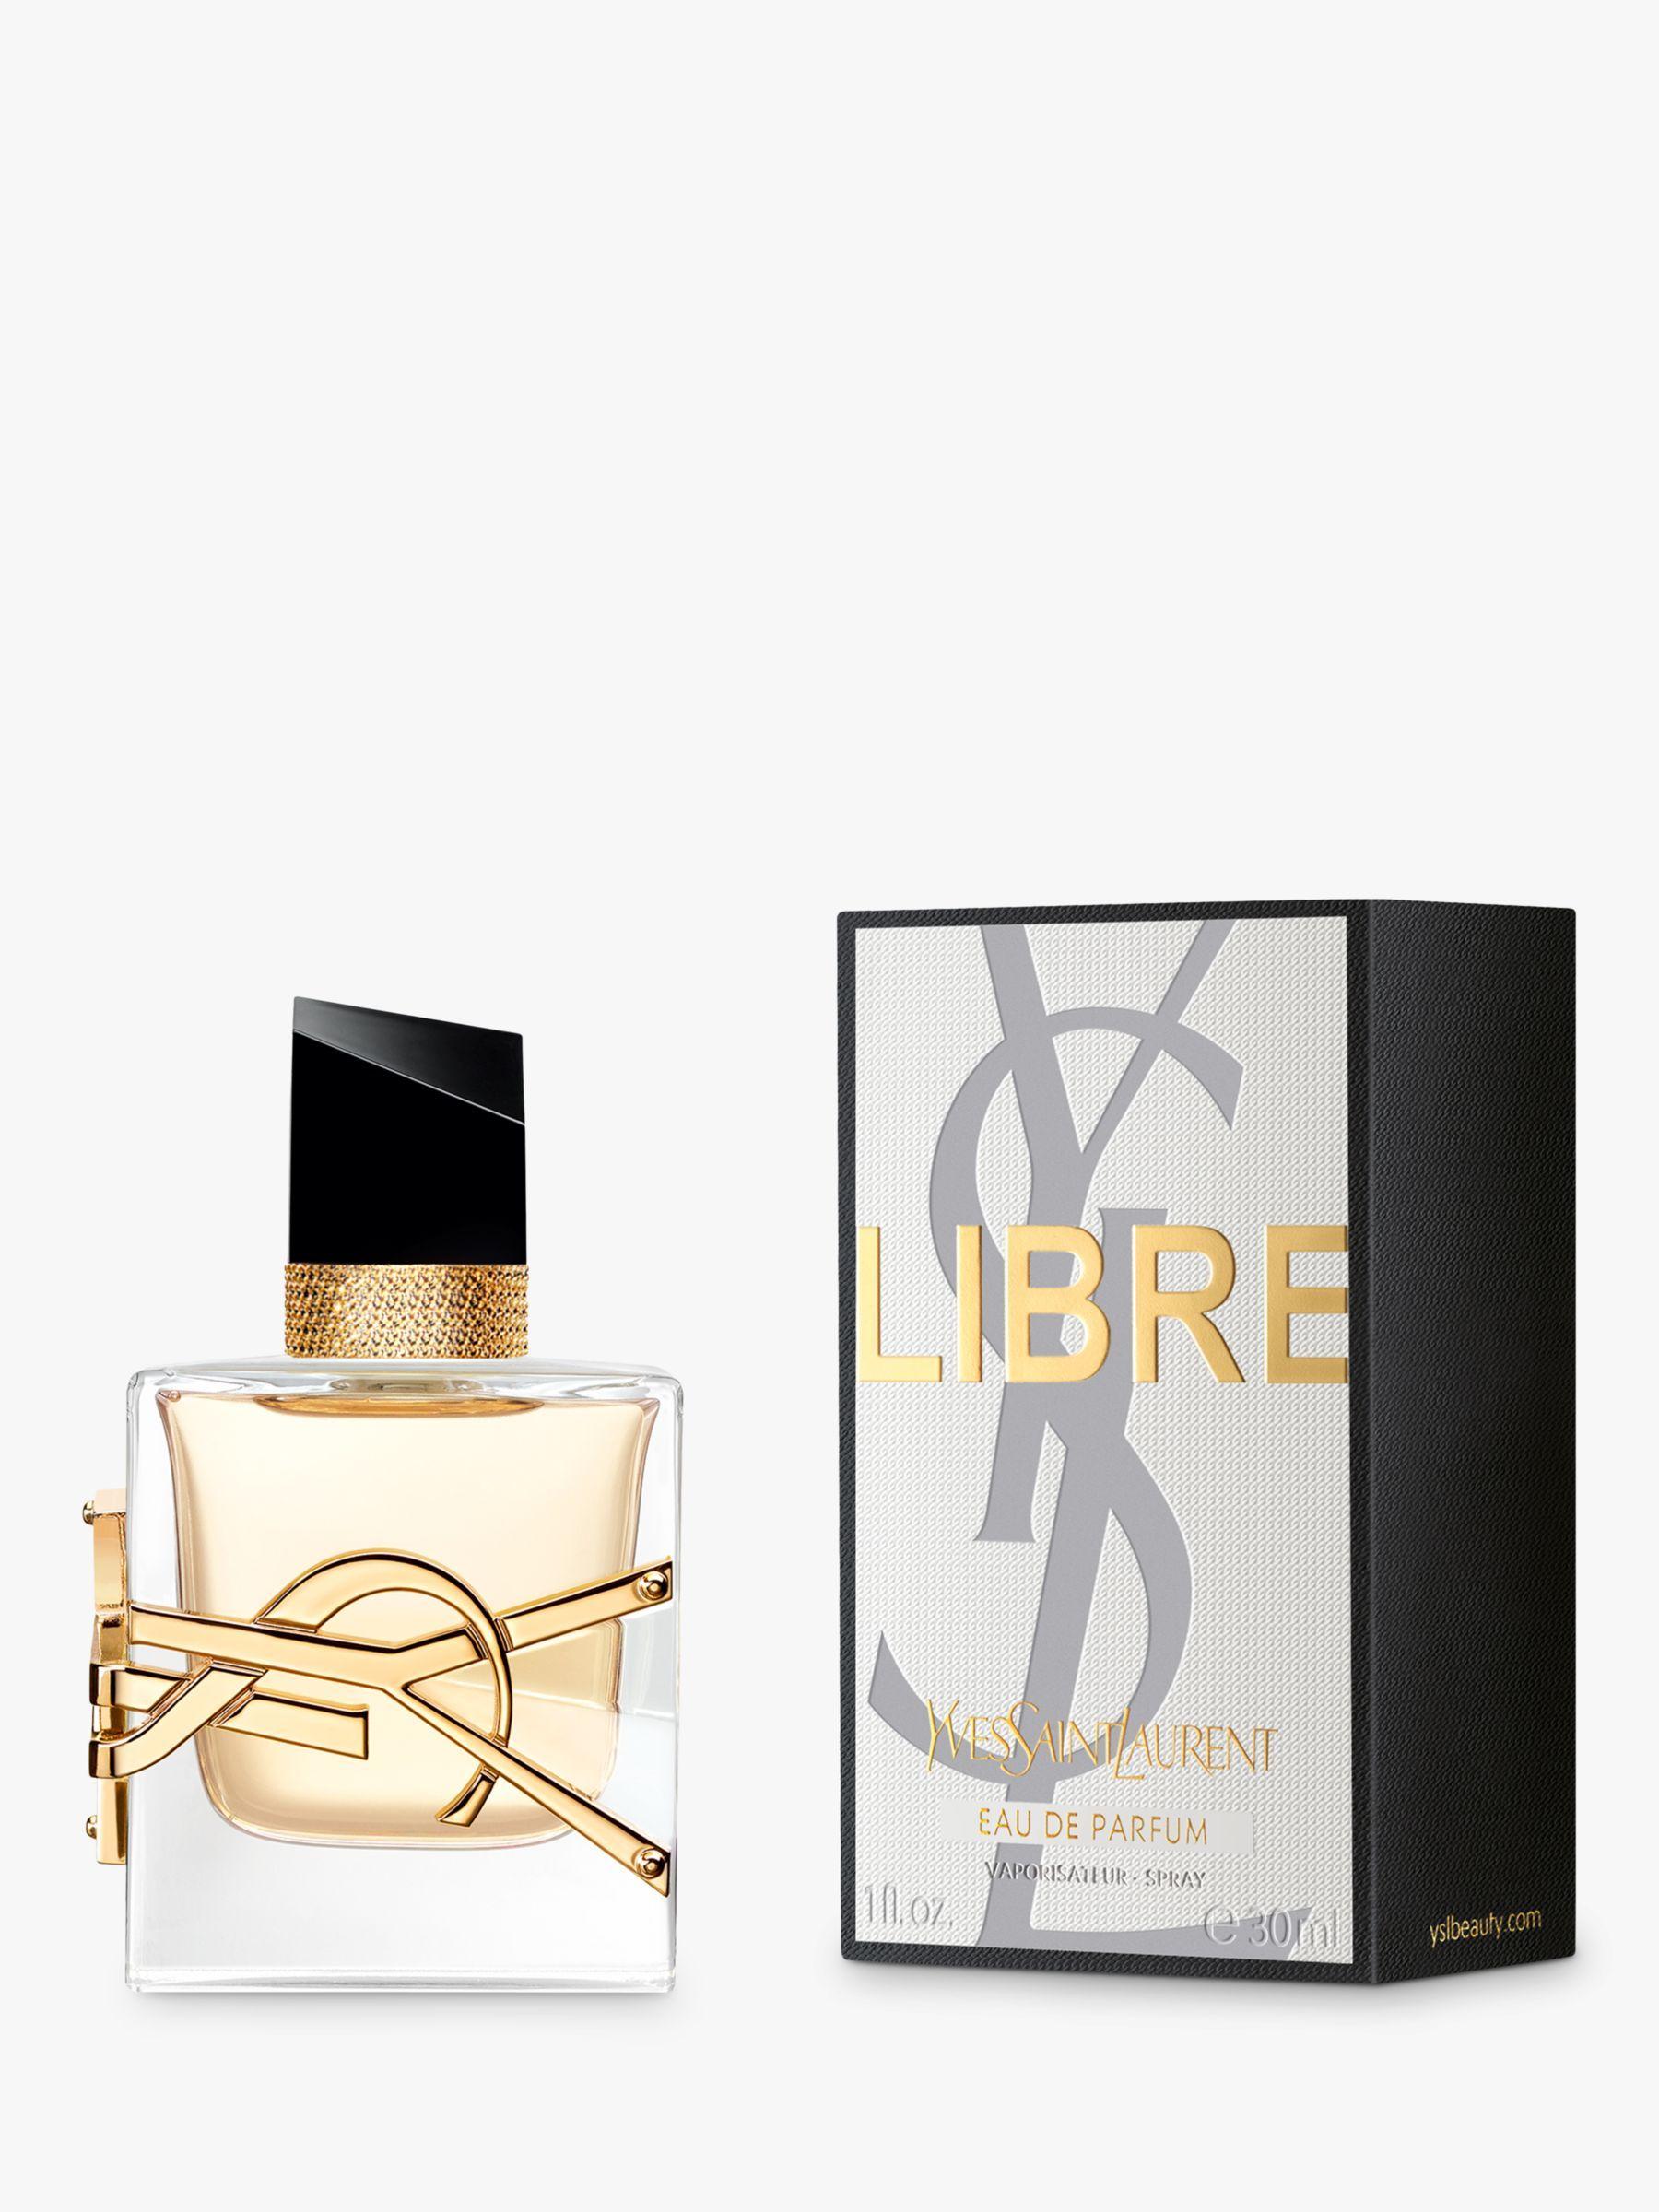 Yves Saint Laurent Libre Eau de Parfum New fragrances